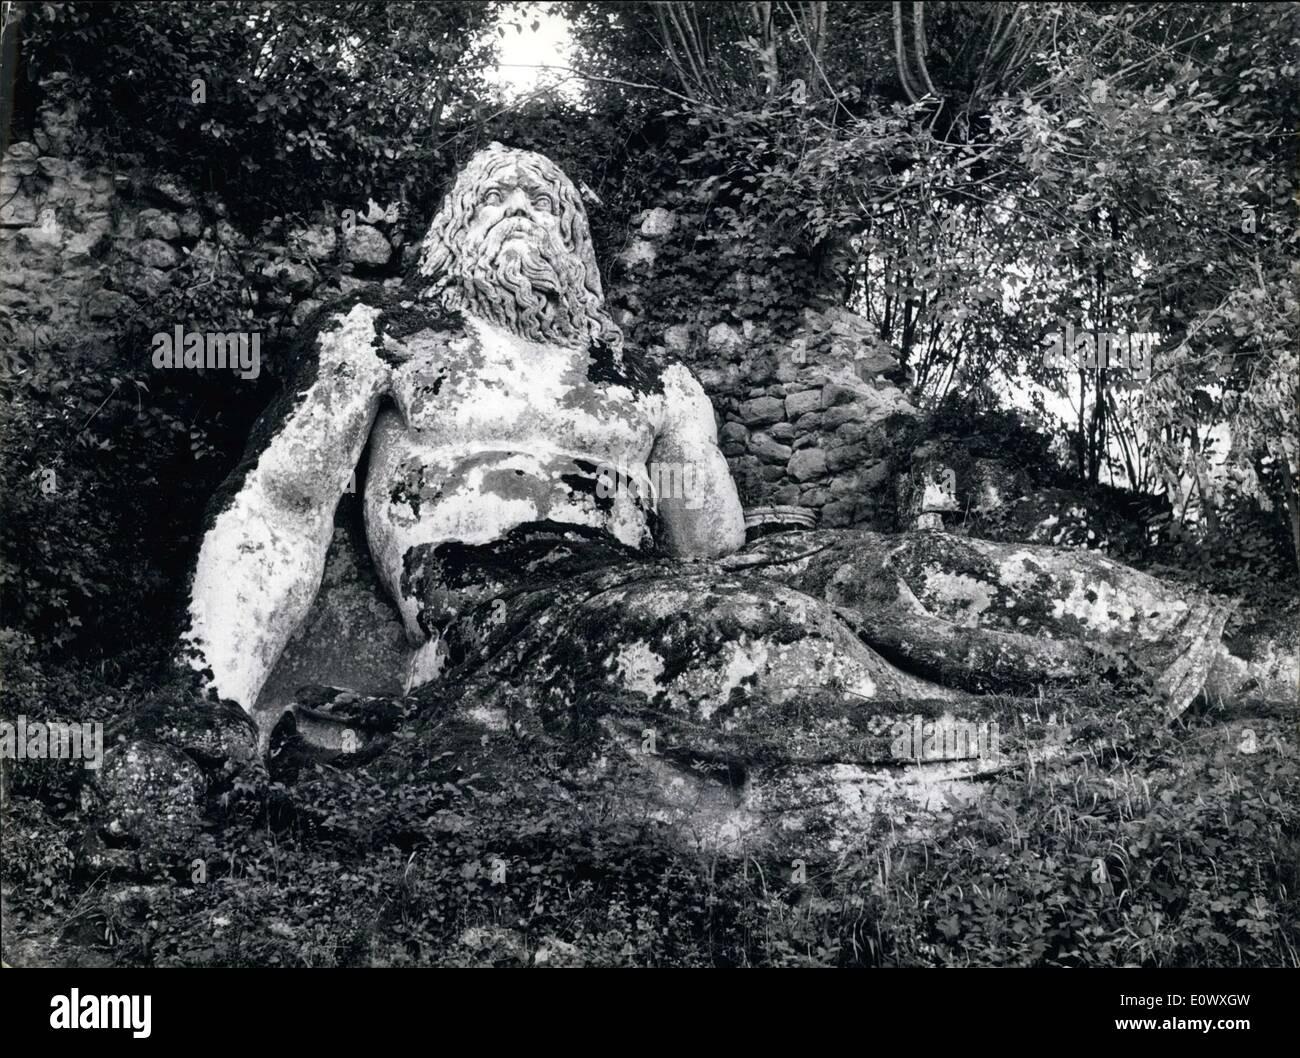 08 août, 1964 - Un mystère italien du 16ème siècle: les monstres peuplent Jardin de Bomarzo. A 50 km au nord de Rome, au-delà de la ville médiévale de Viterbe, qui occupe un creux profond juste sous le village de Bomarzo, se trouvent les restes d'un fanrtastic Centruy 16ème énigme, le jardin de Bomarzo, aussi connu comme le jardin de monstres. Les sculptures, qui sont les gens qu'il étrange et merveilleux que ce que l'on est susceptible de rencontrer n'importe où Photo Stock